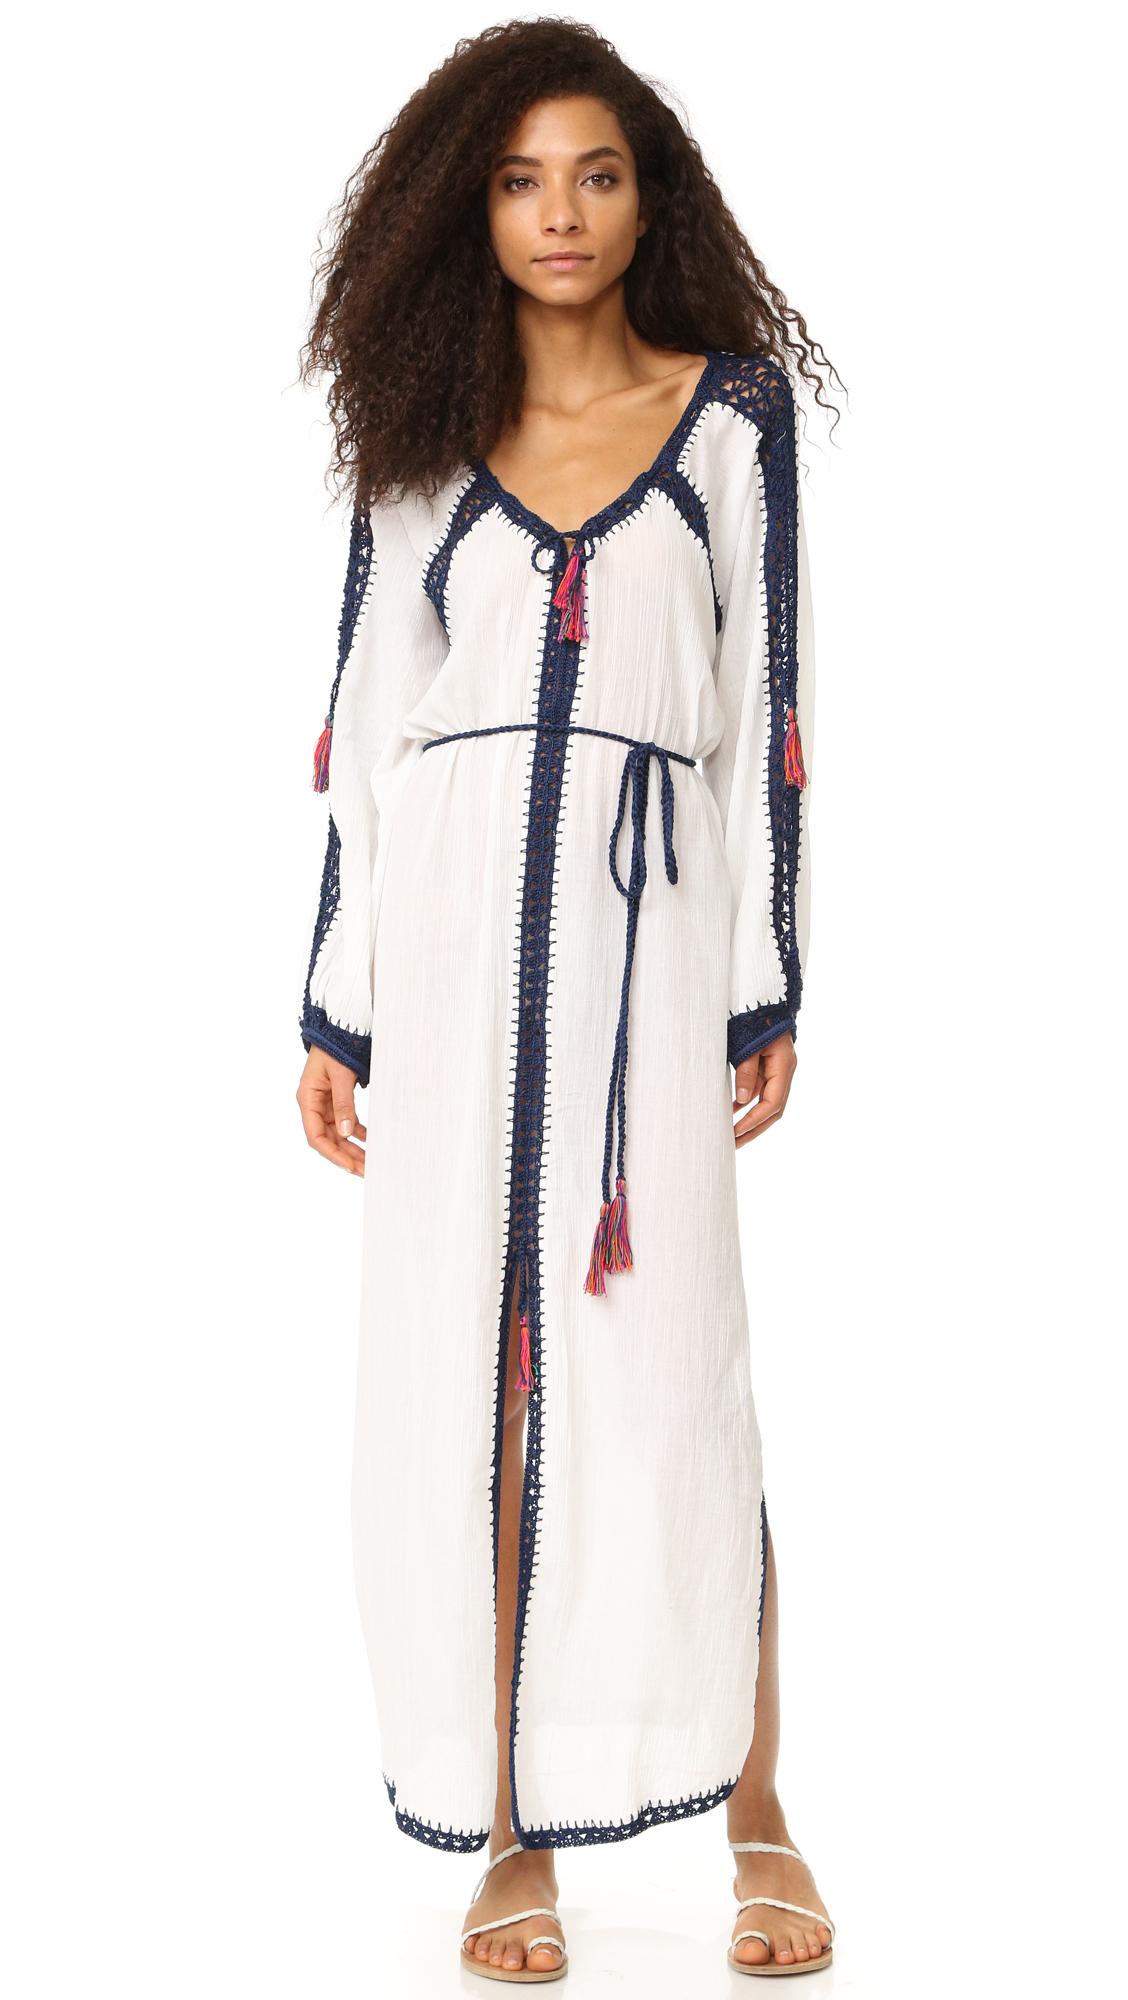 Anna Kosturova Sailor Nomad Boho Maxi Dress - White at Shopbop